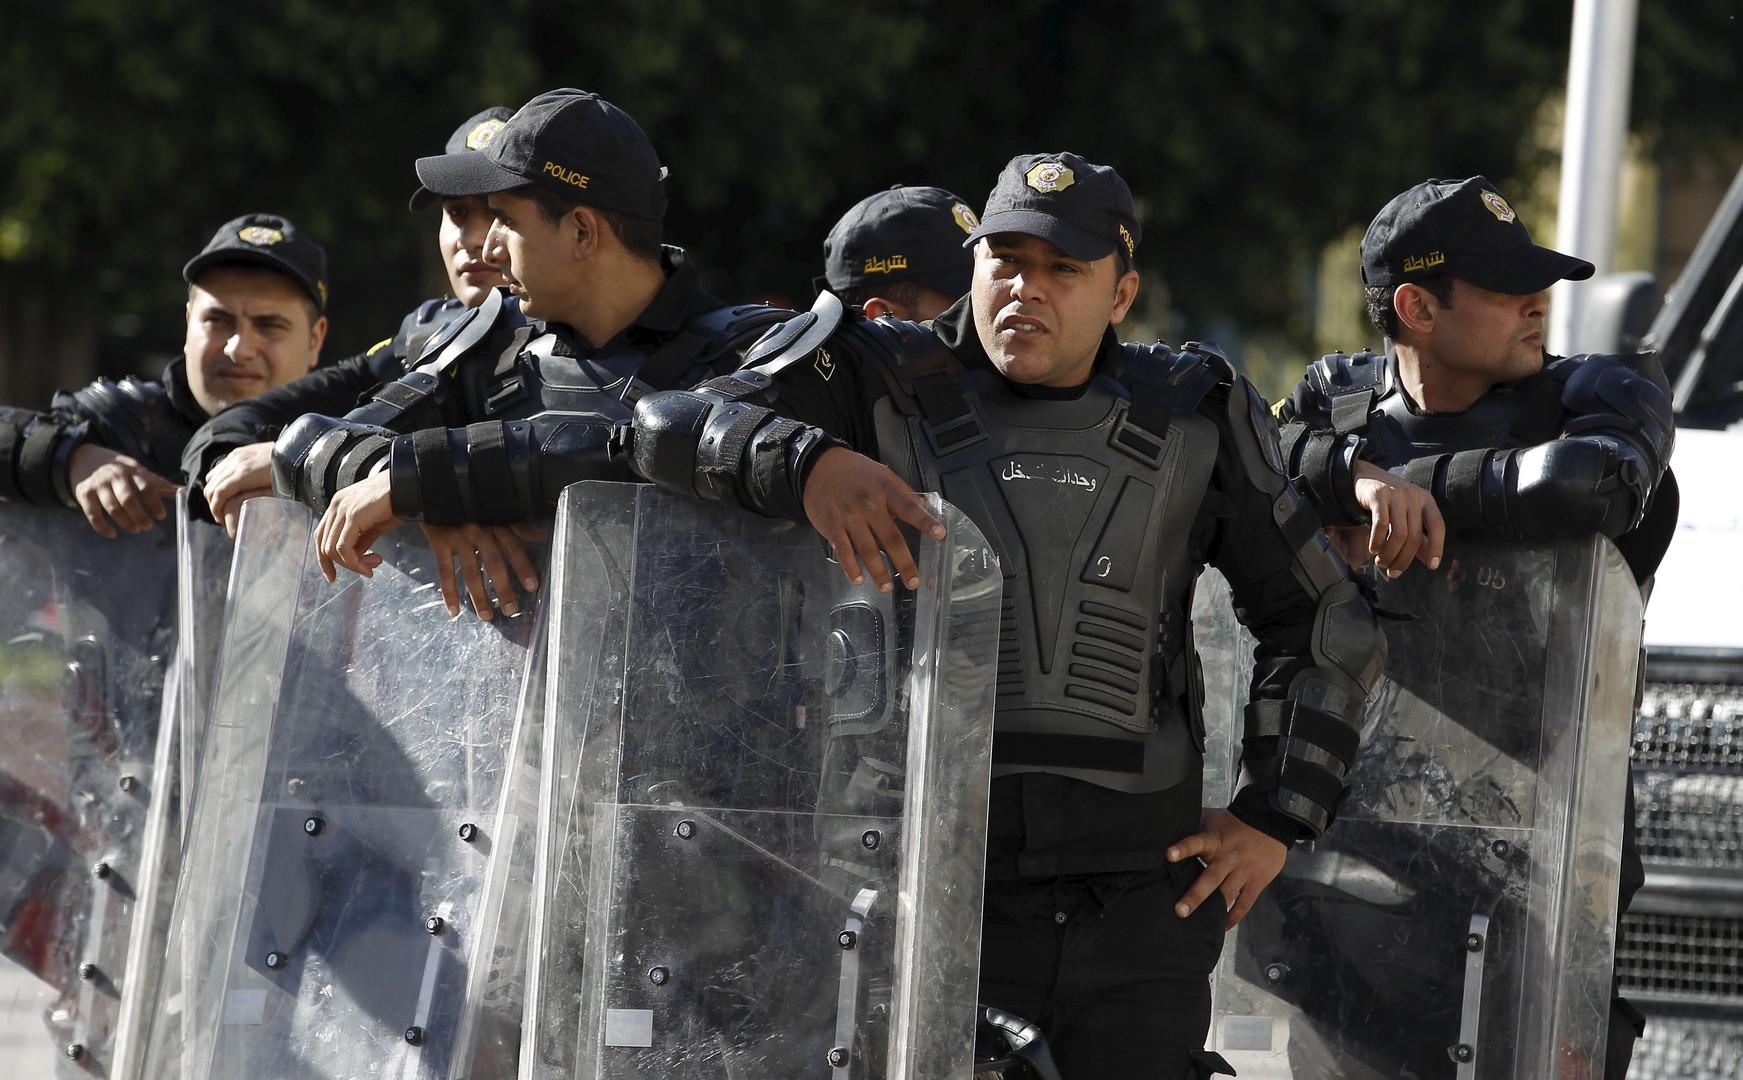 حظر التجوال ليلا في عموم أنحاء تونس